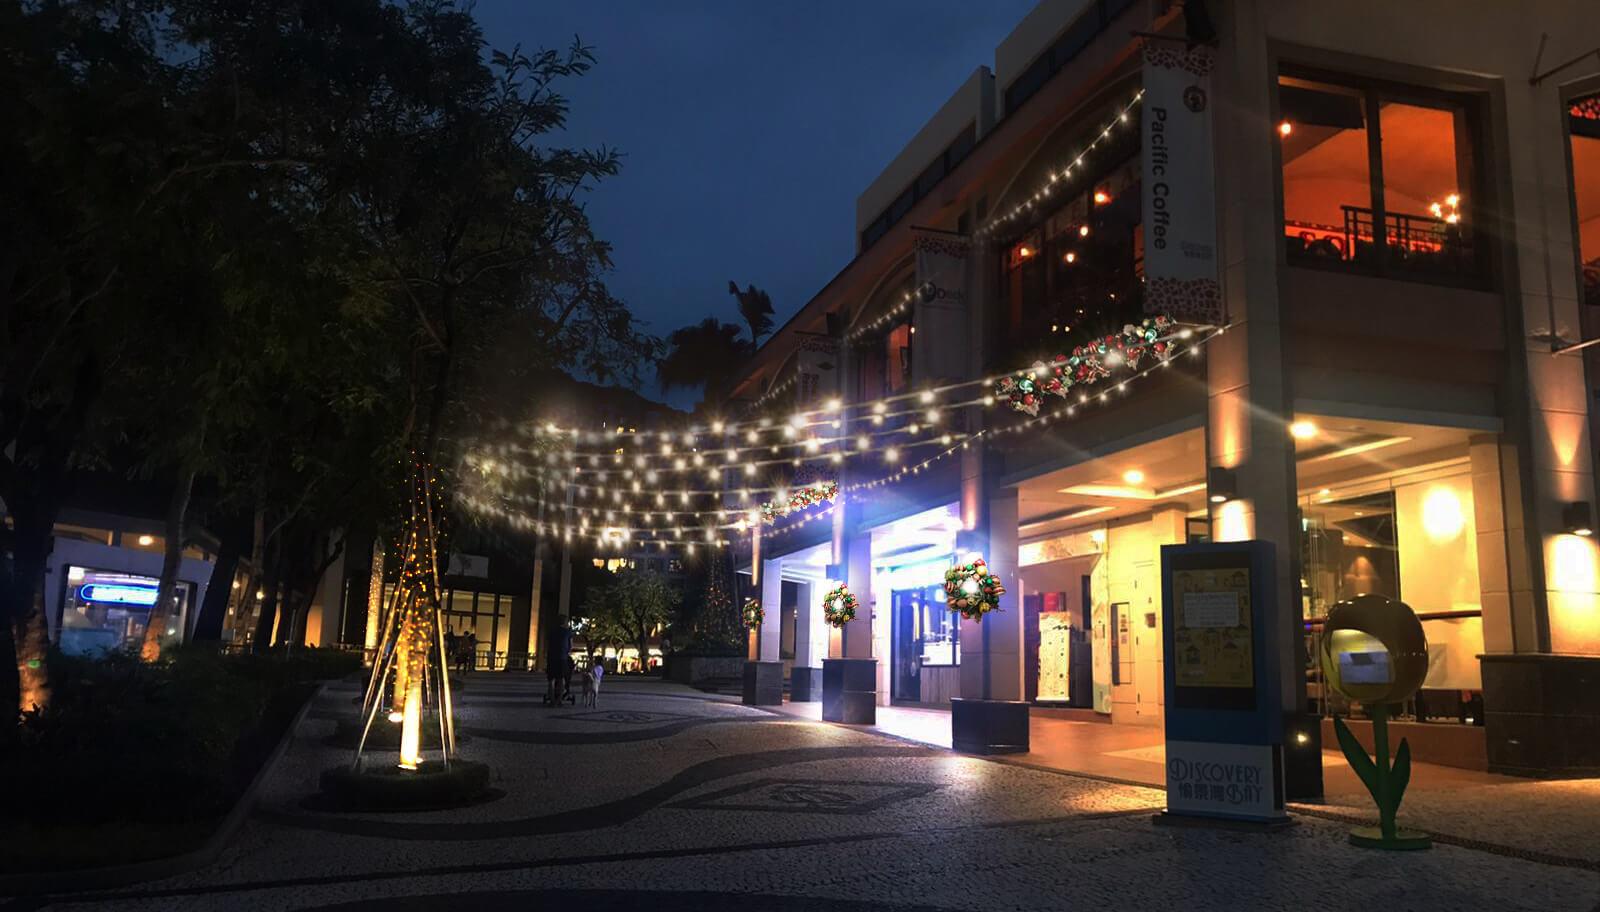 愉景灣今年將以「冬日歐洲小鎮」為主題,舉行「聖誕週日露天市集」。